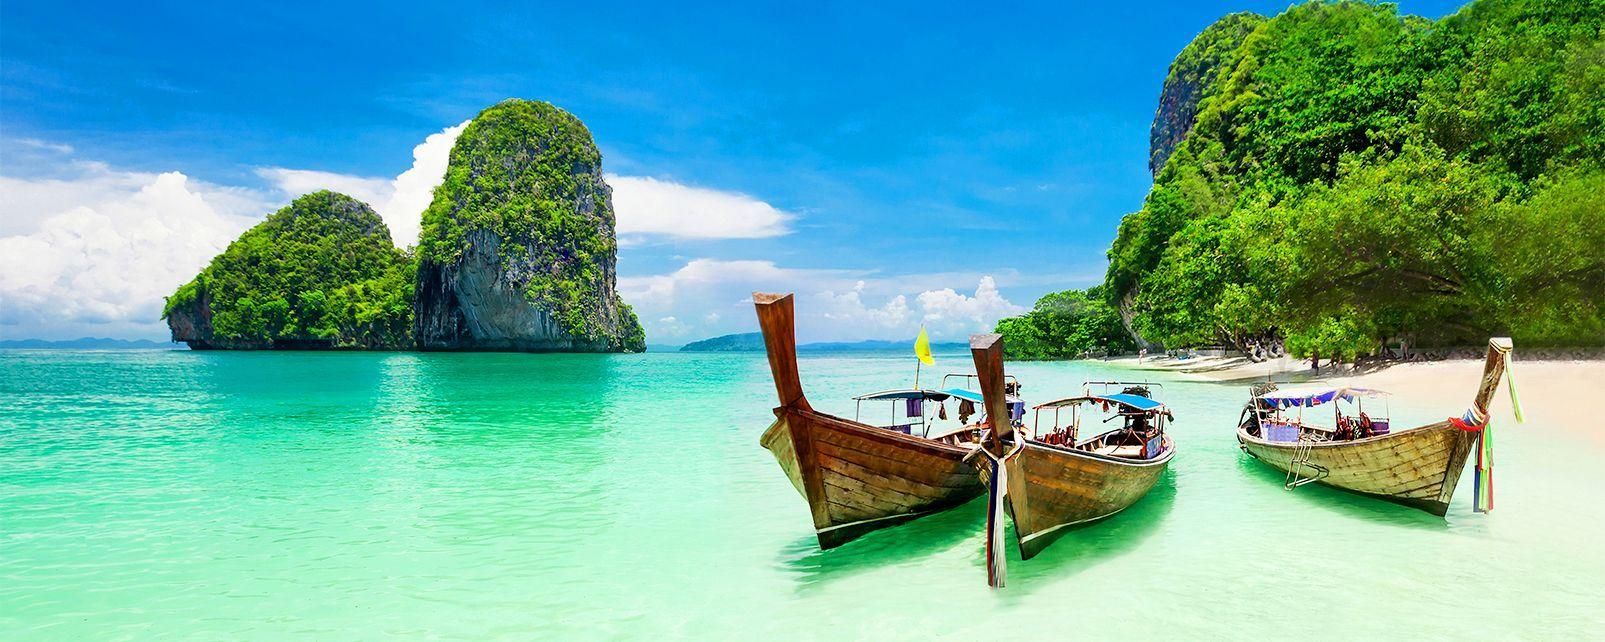 Séjour 14 nuits à Krabi (Thailande) au départ de Londres du 09/04 au 24/04 - pour 2 personnes